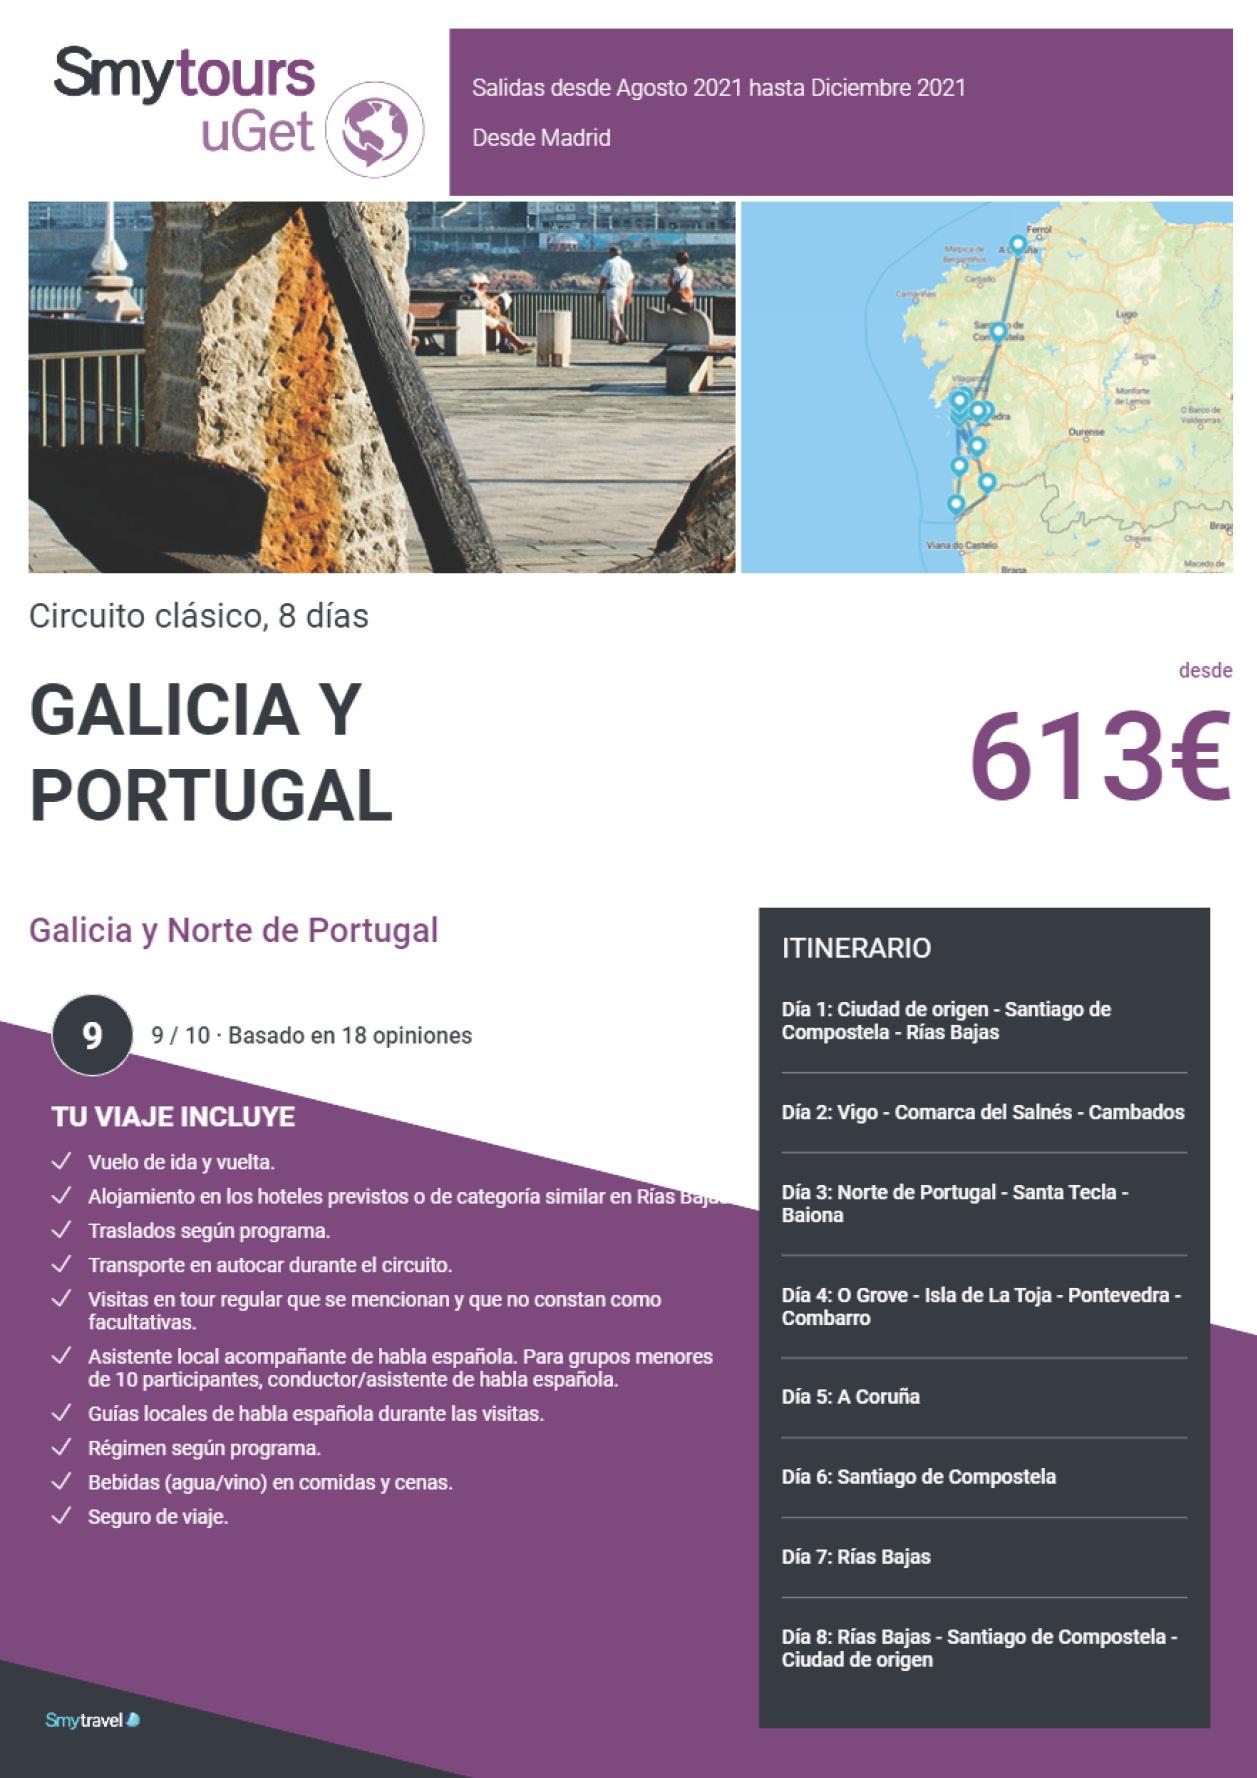 Oferta Smytravel Circuito Galicia y Norte de Portugal 8 dias salidas Madrid desde 613 €